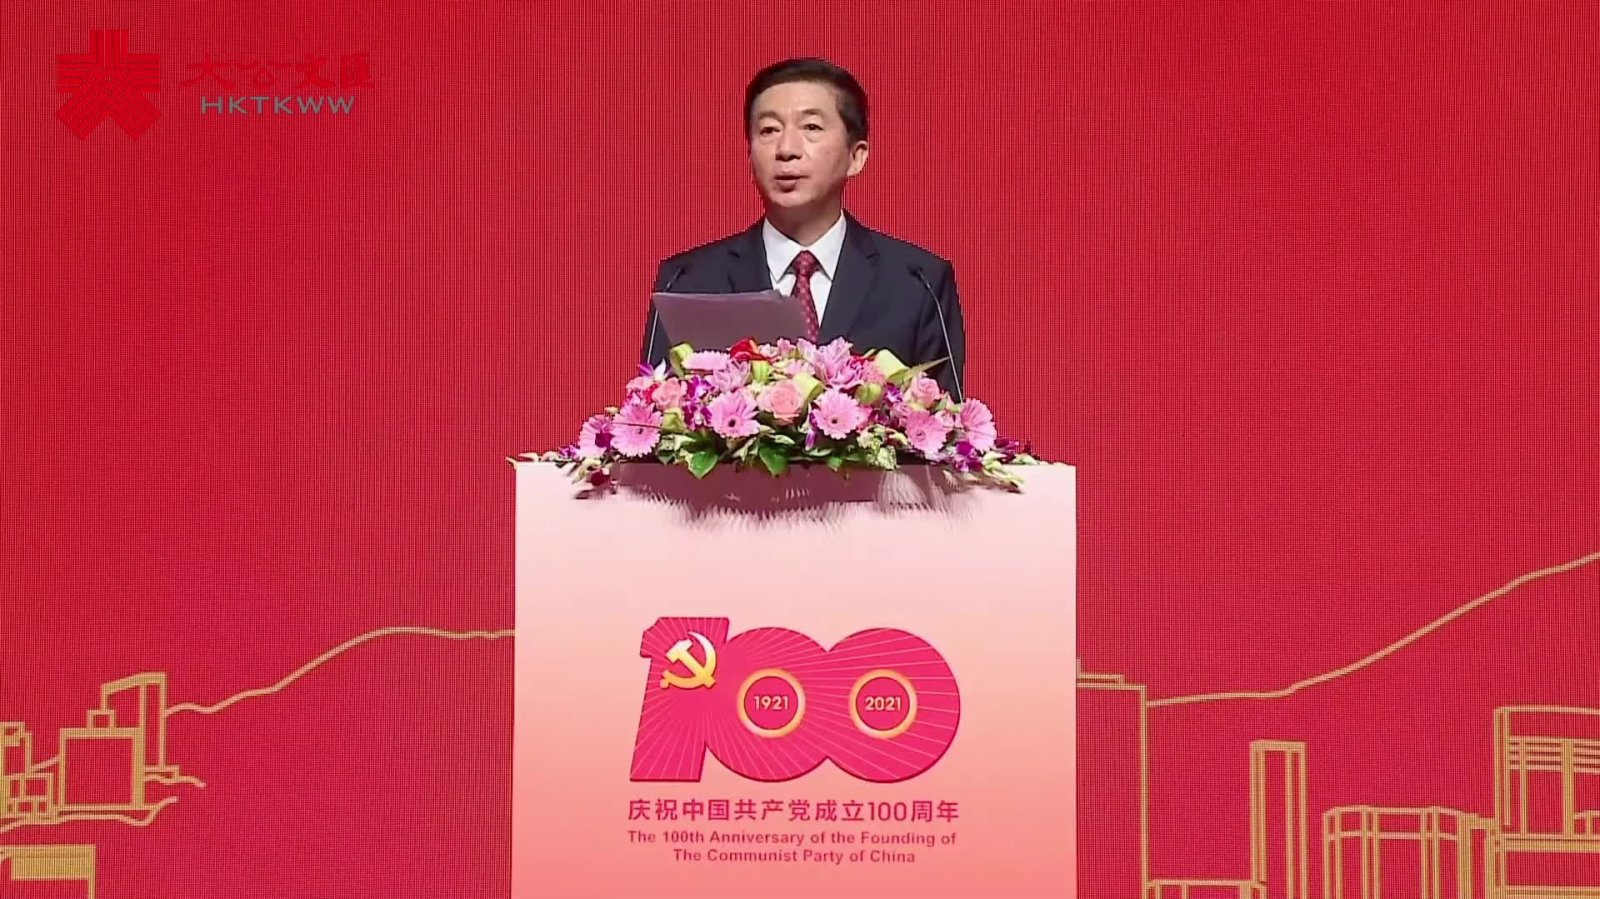 駱惠寧發表主旨演講:百年偉業的「香江篇章」(全片)